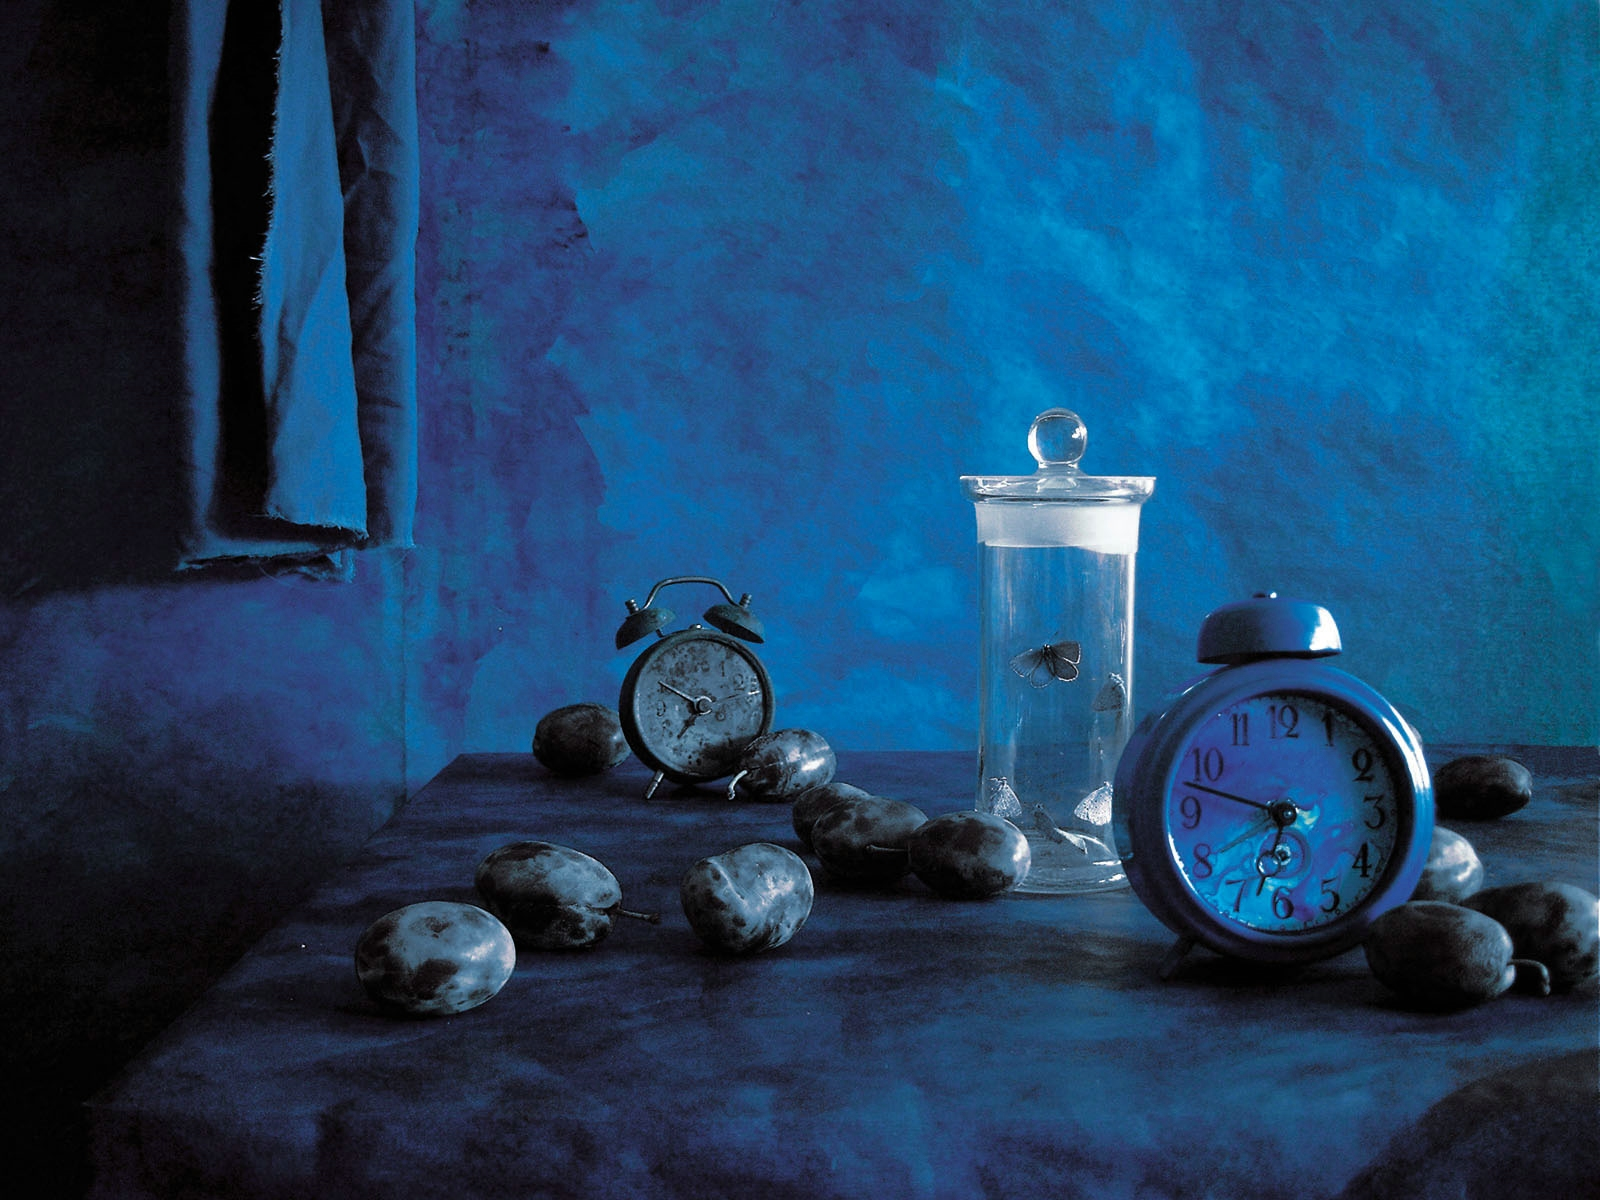 Blue Wallpapers - Blue Wallpaper